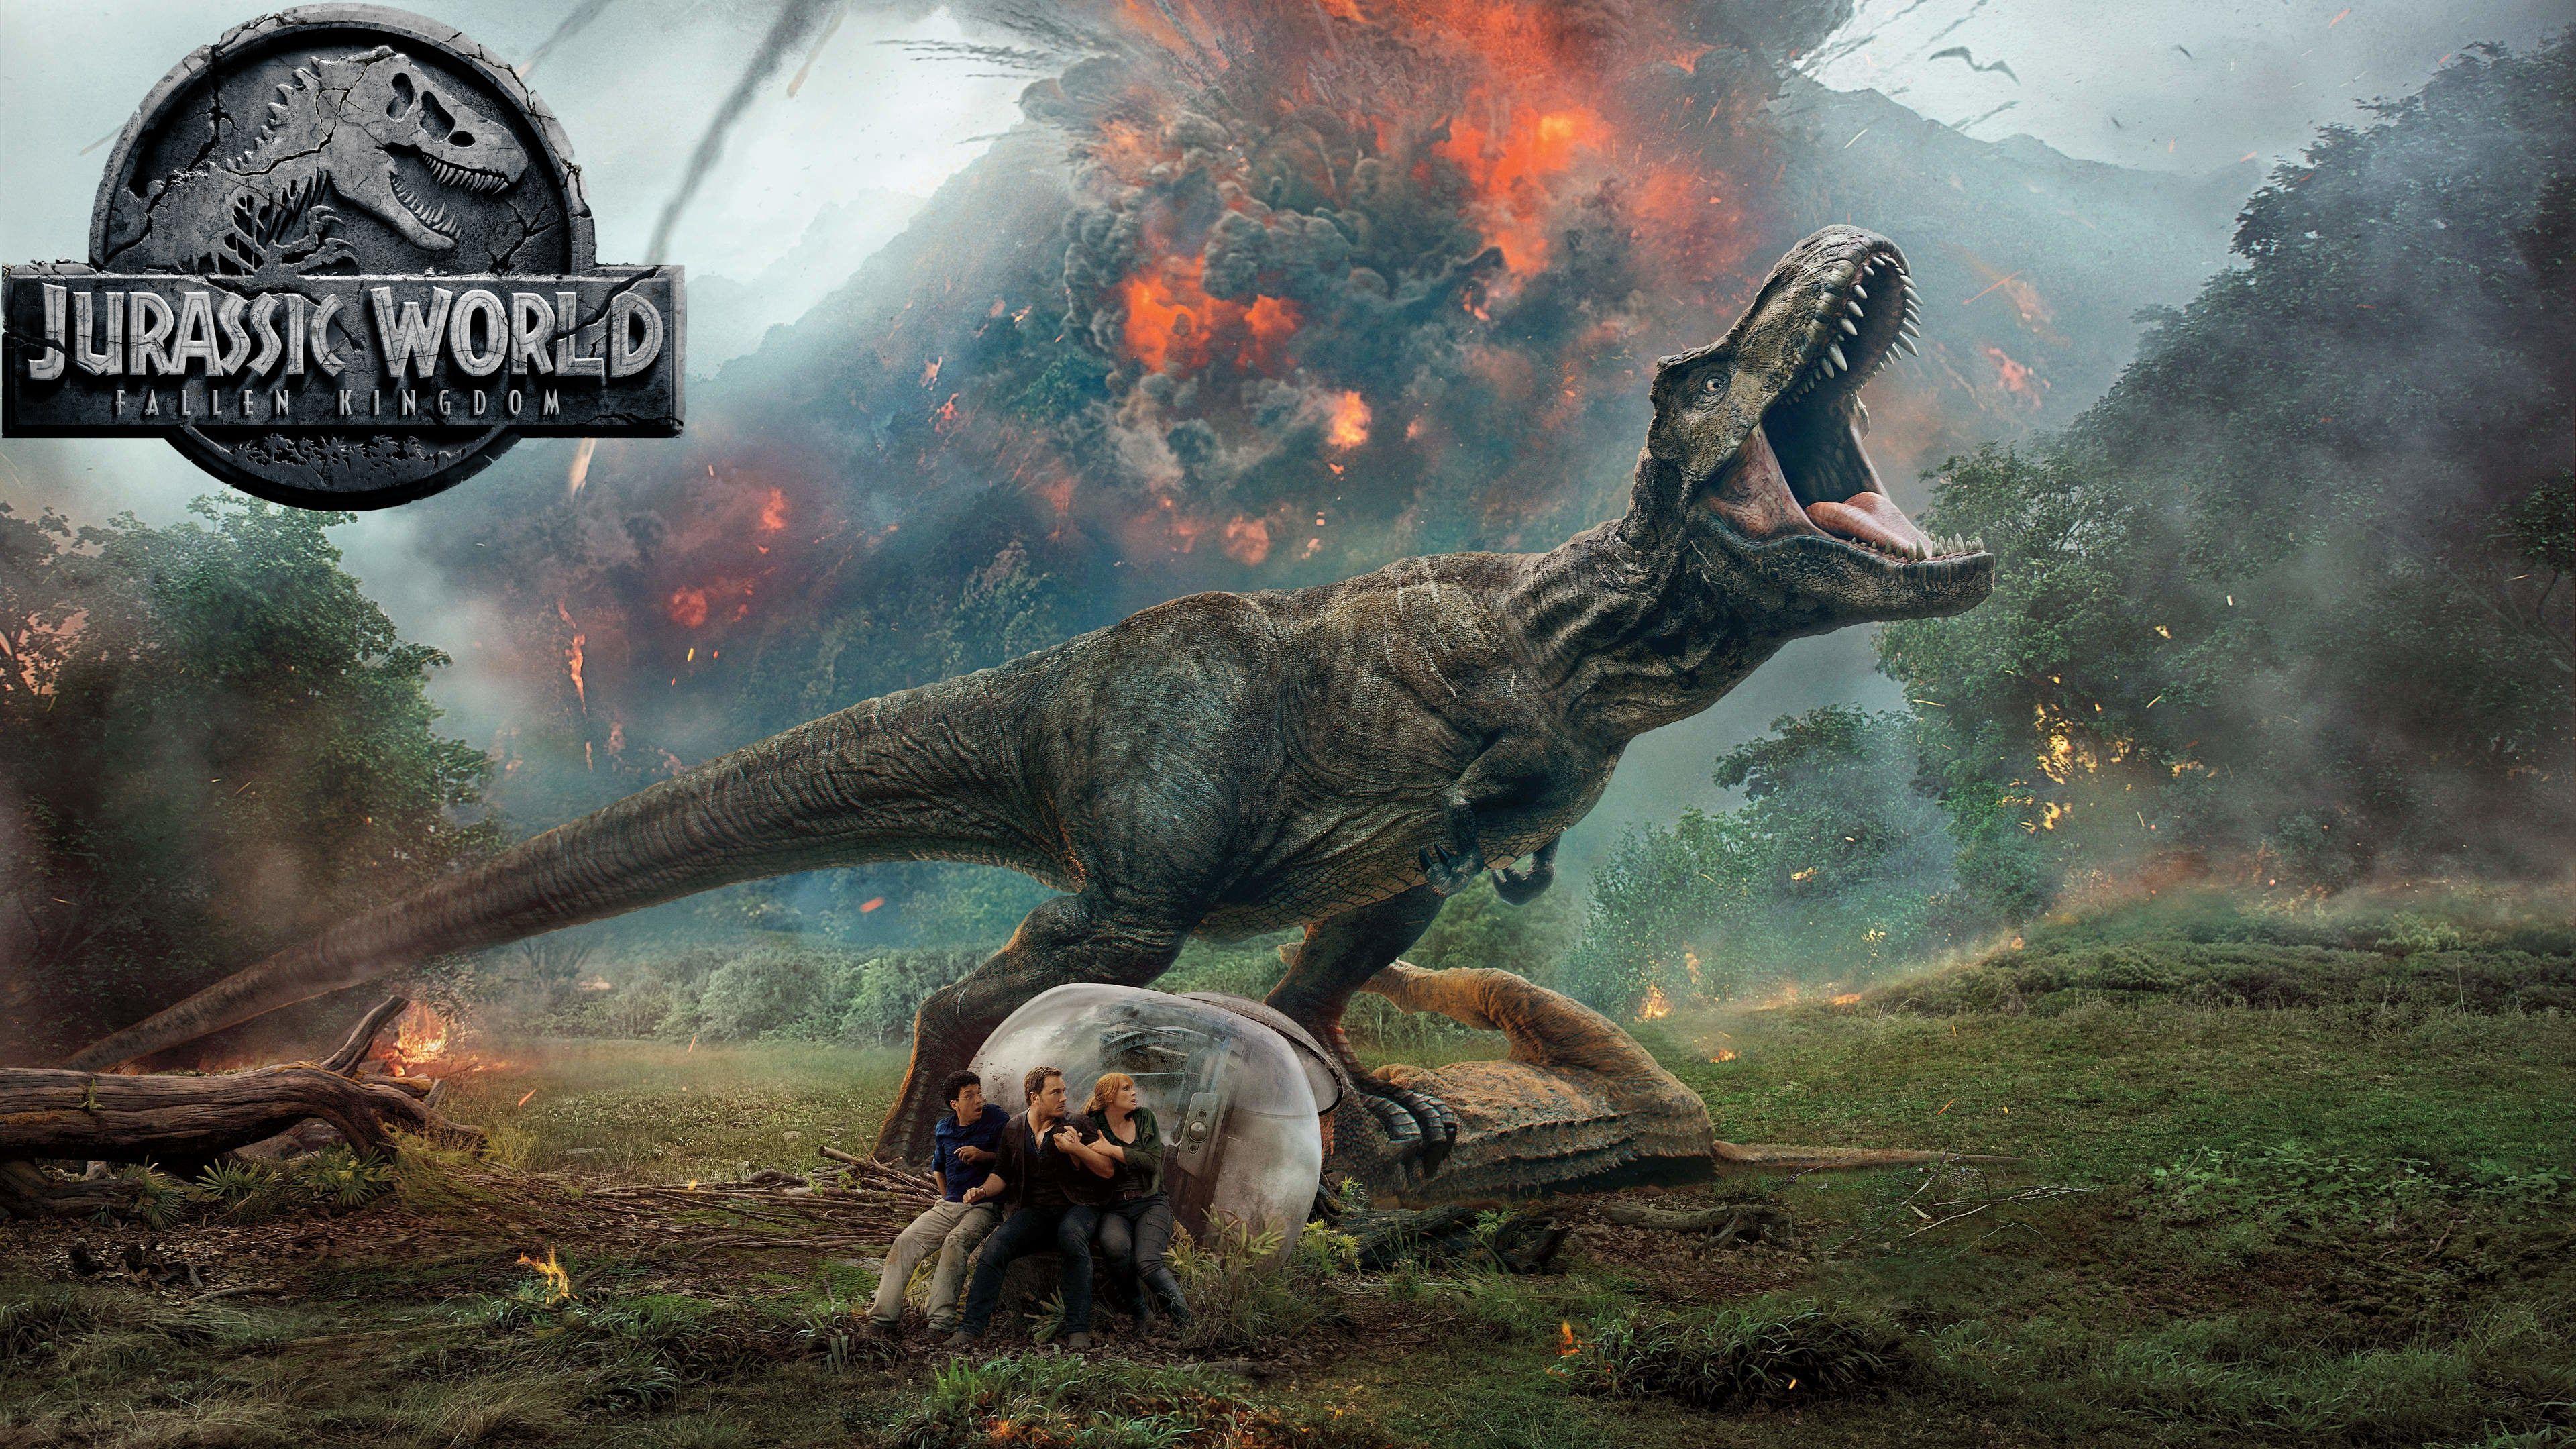 Jurassic World Das Gefallene Konigreich 2018 Ganzer Film Stream Deutsch Komplett Online Jurassic World Das Gefallene Konigreich 2018complete Film Deutsch J